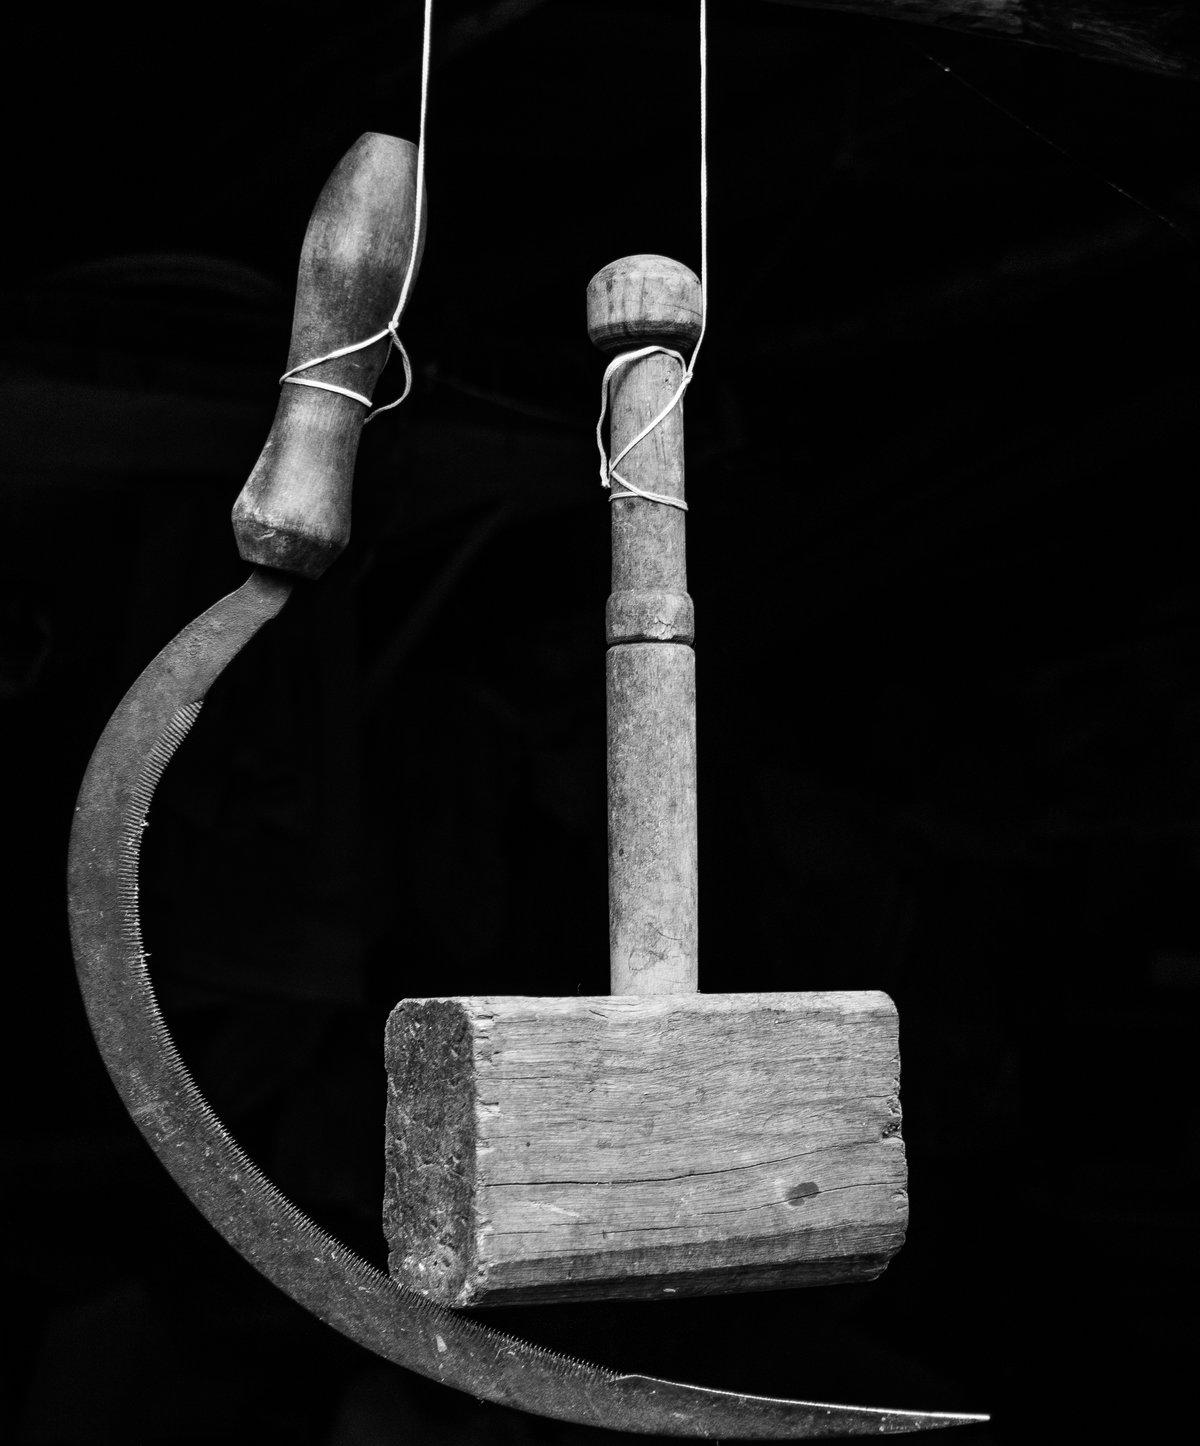 инструменты кузнец и серп картинки несколько ярких